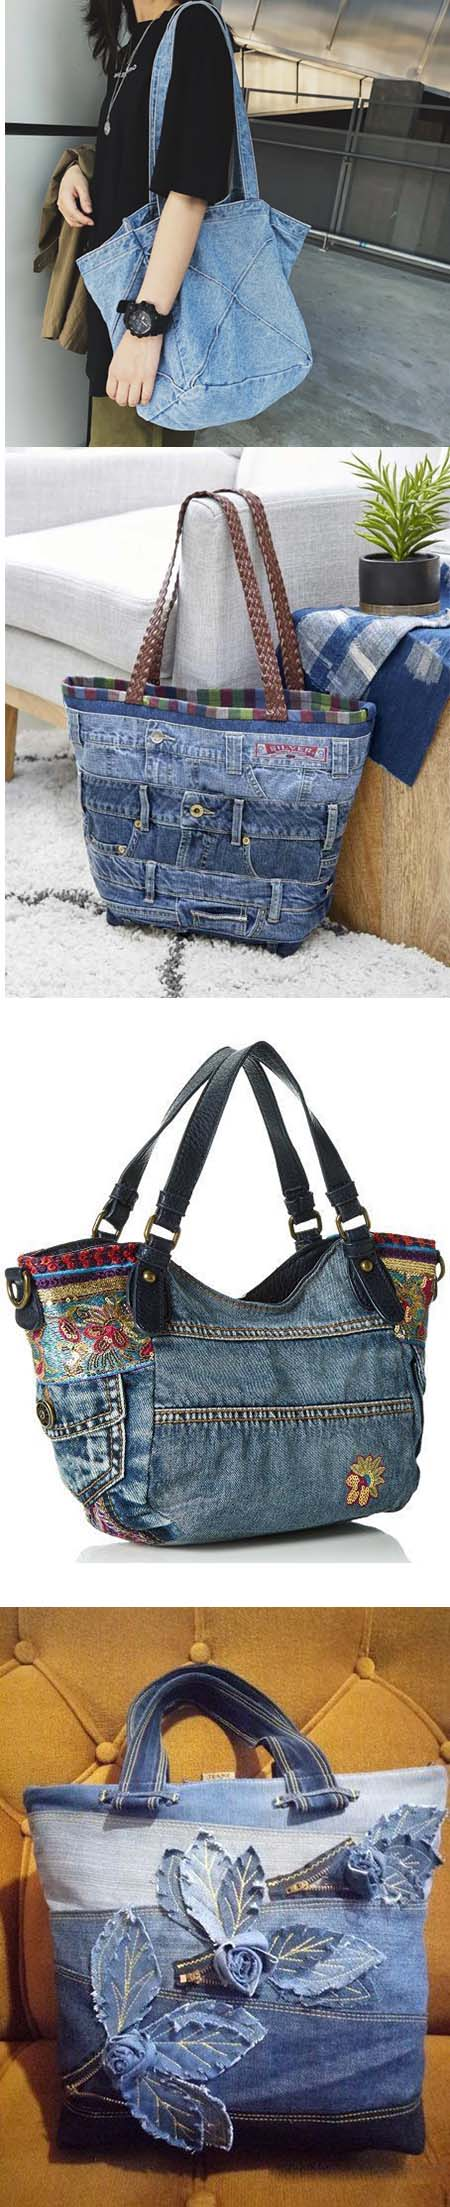 مدل کیف دوشی زنانه جدید , کیف دوشی زنانه , کیف دوشی زنانه جین